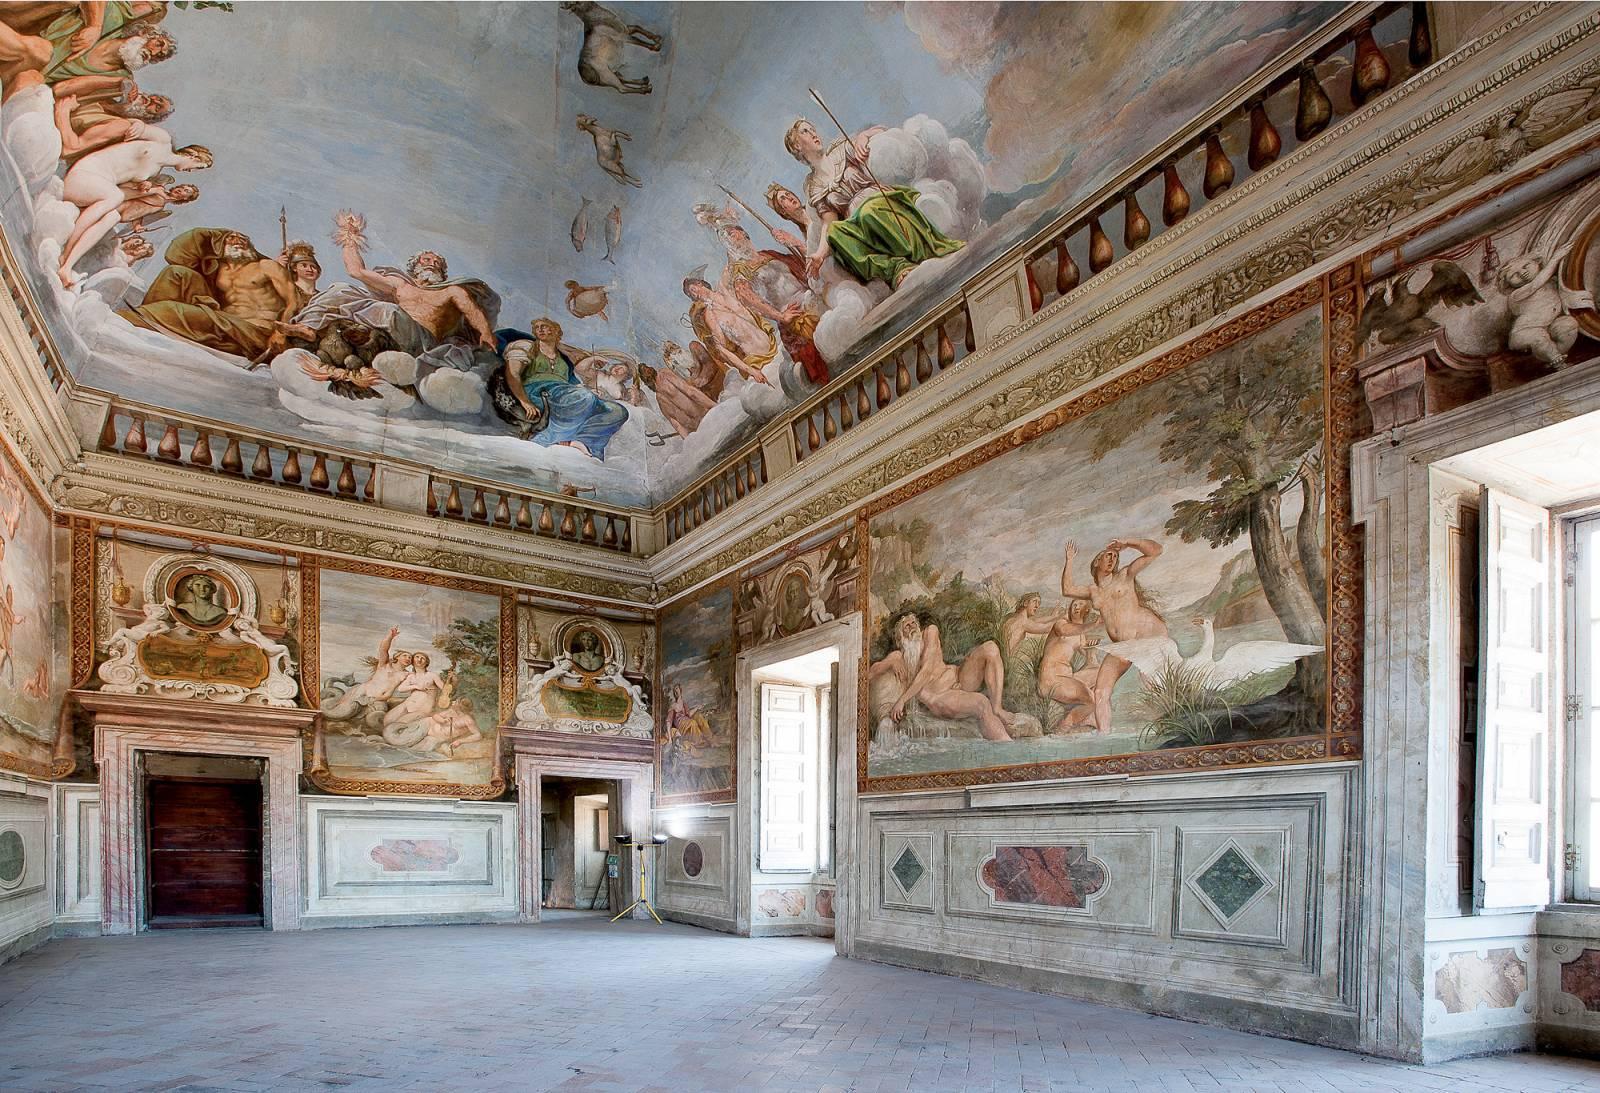 Risultati immagini per palazzo giustiniani bassano romano